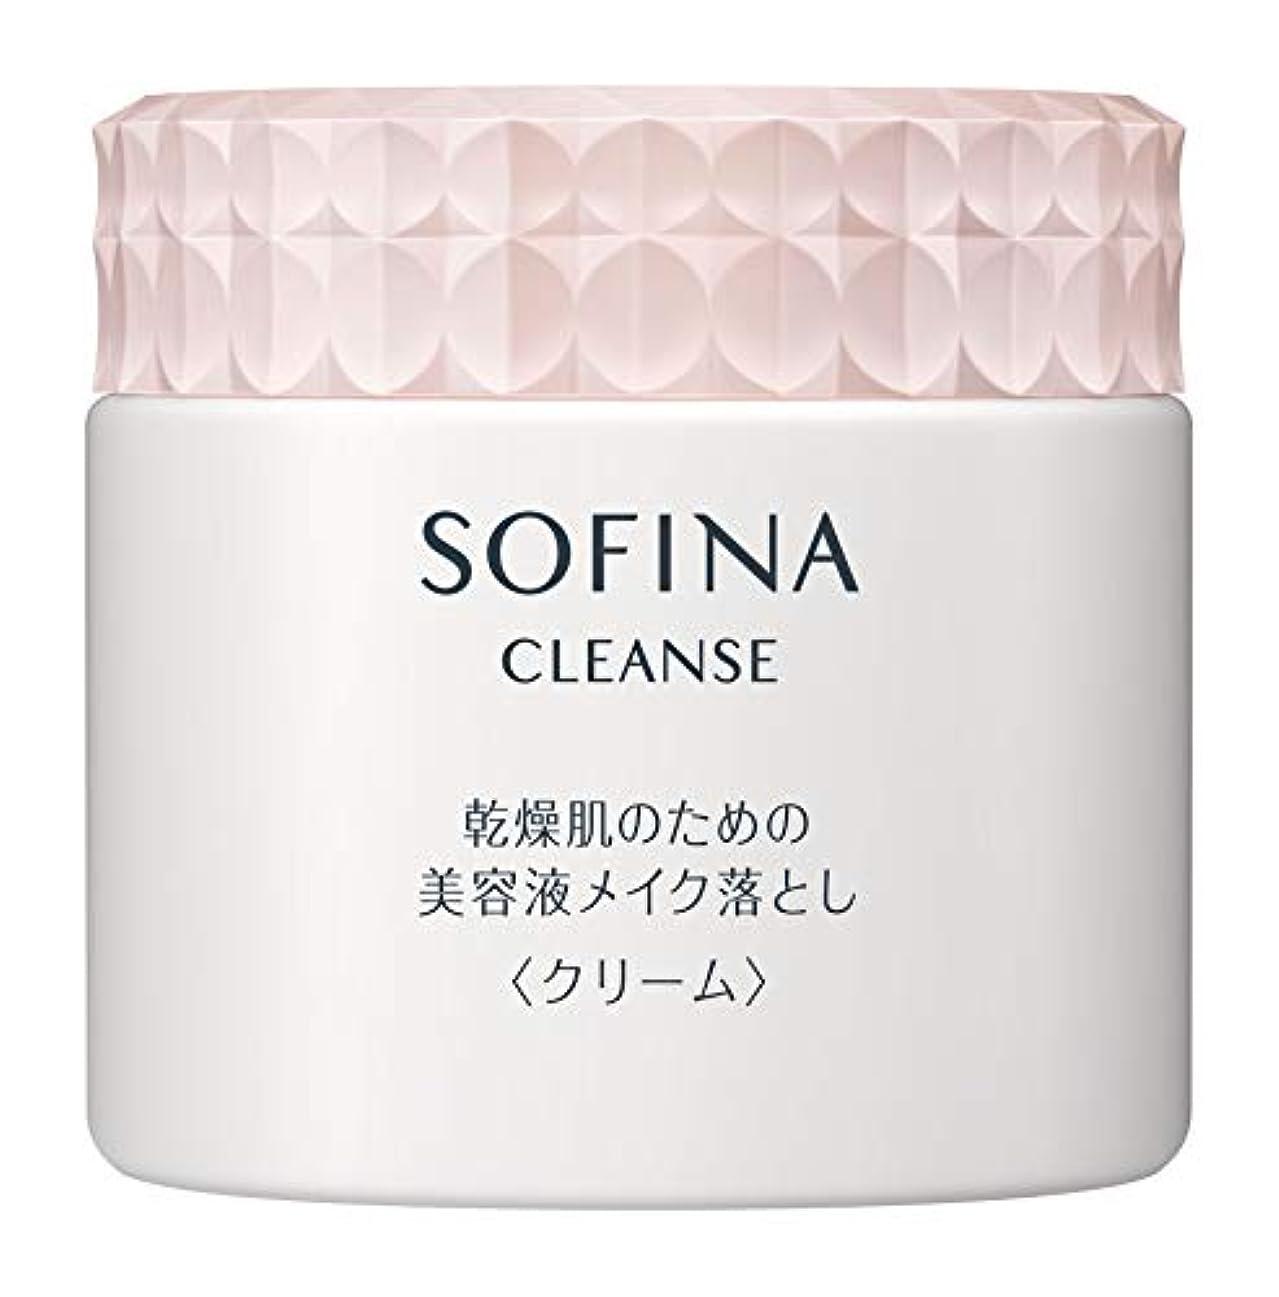 刈り取る苛性流体ソフィーナ 乾燥肌のための美容液メイク落とし クリーム 200g